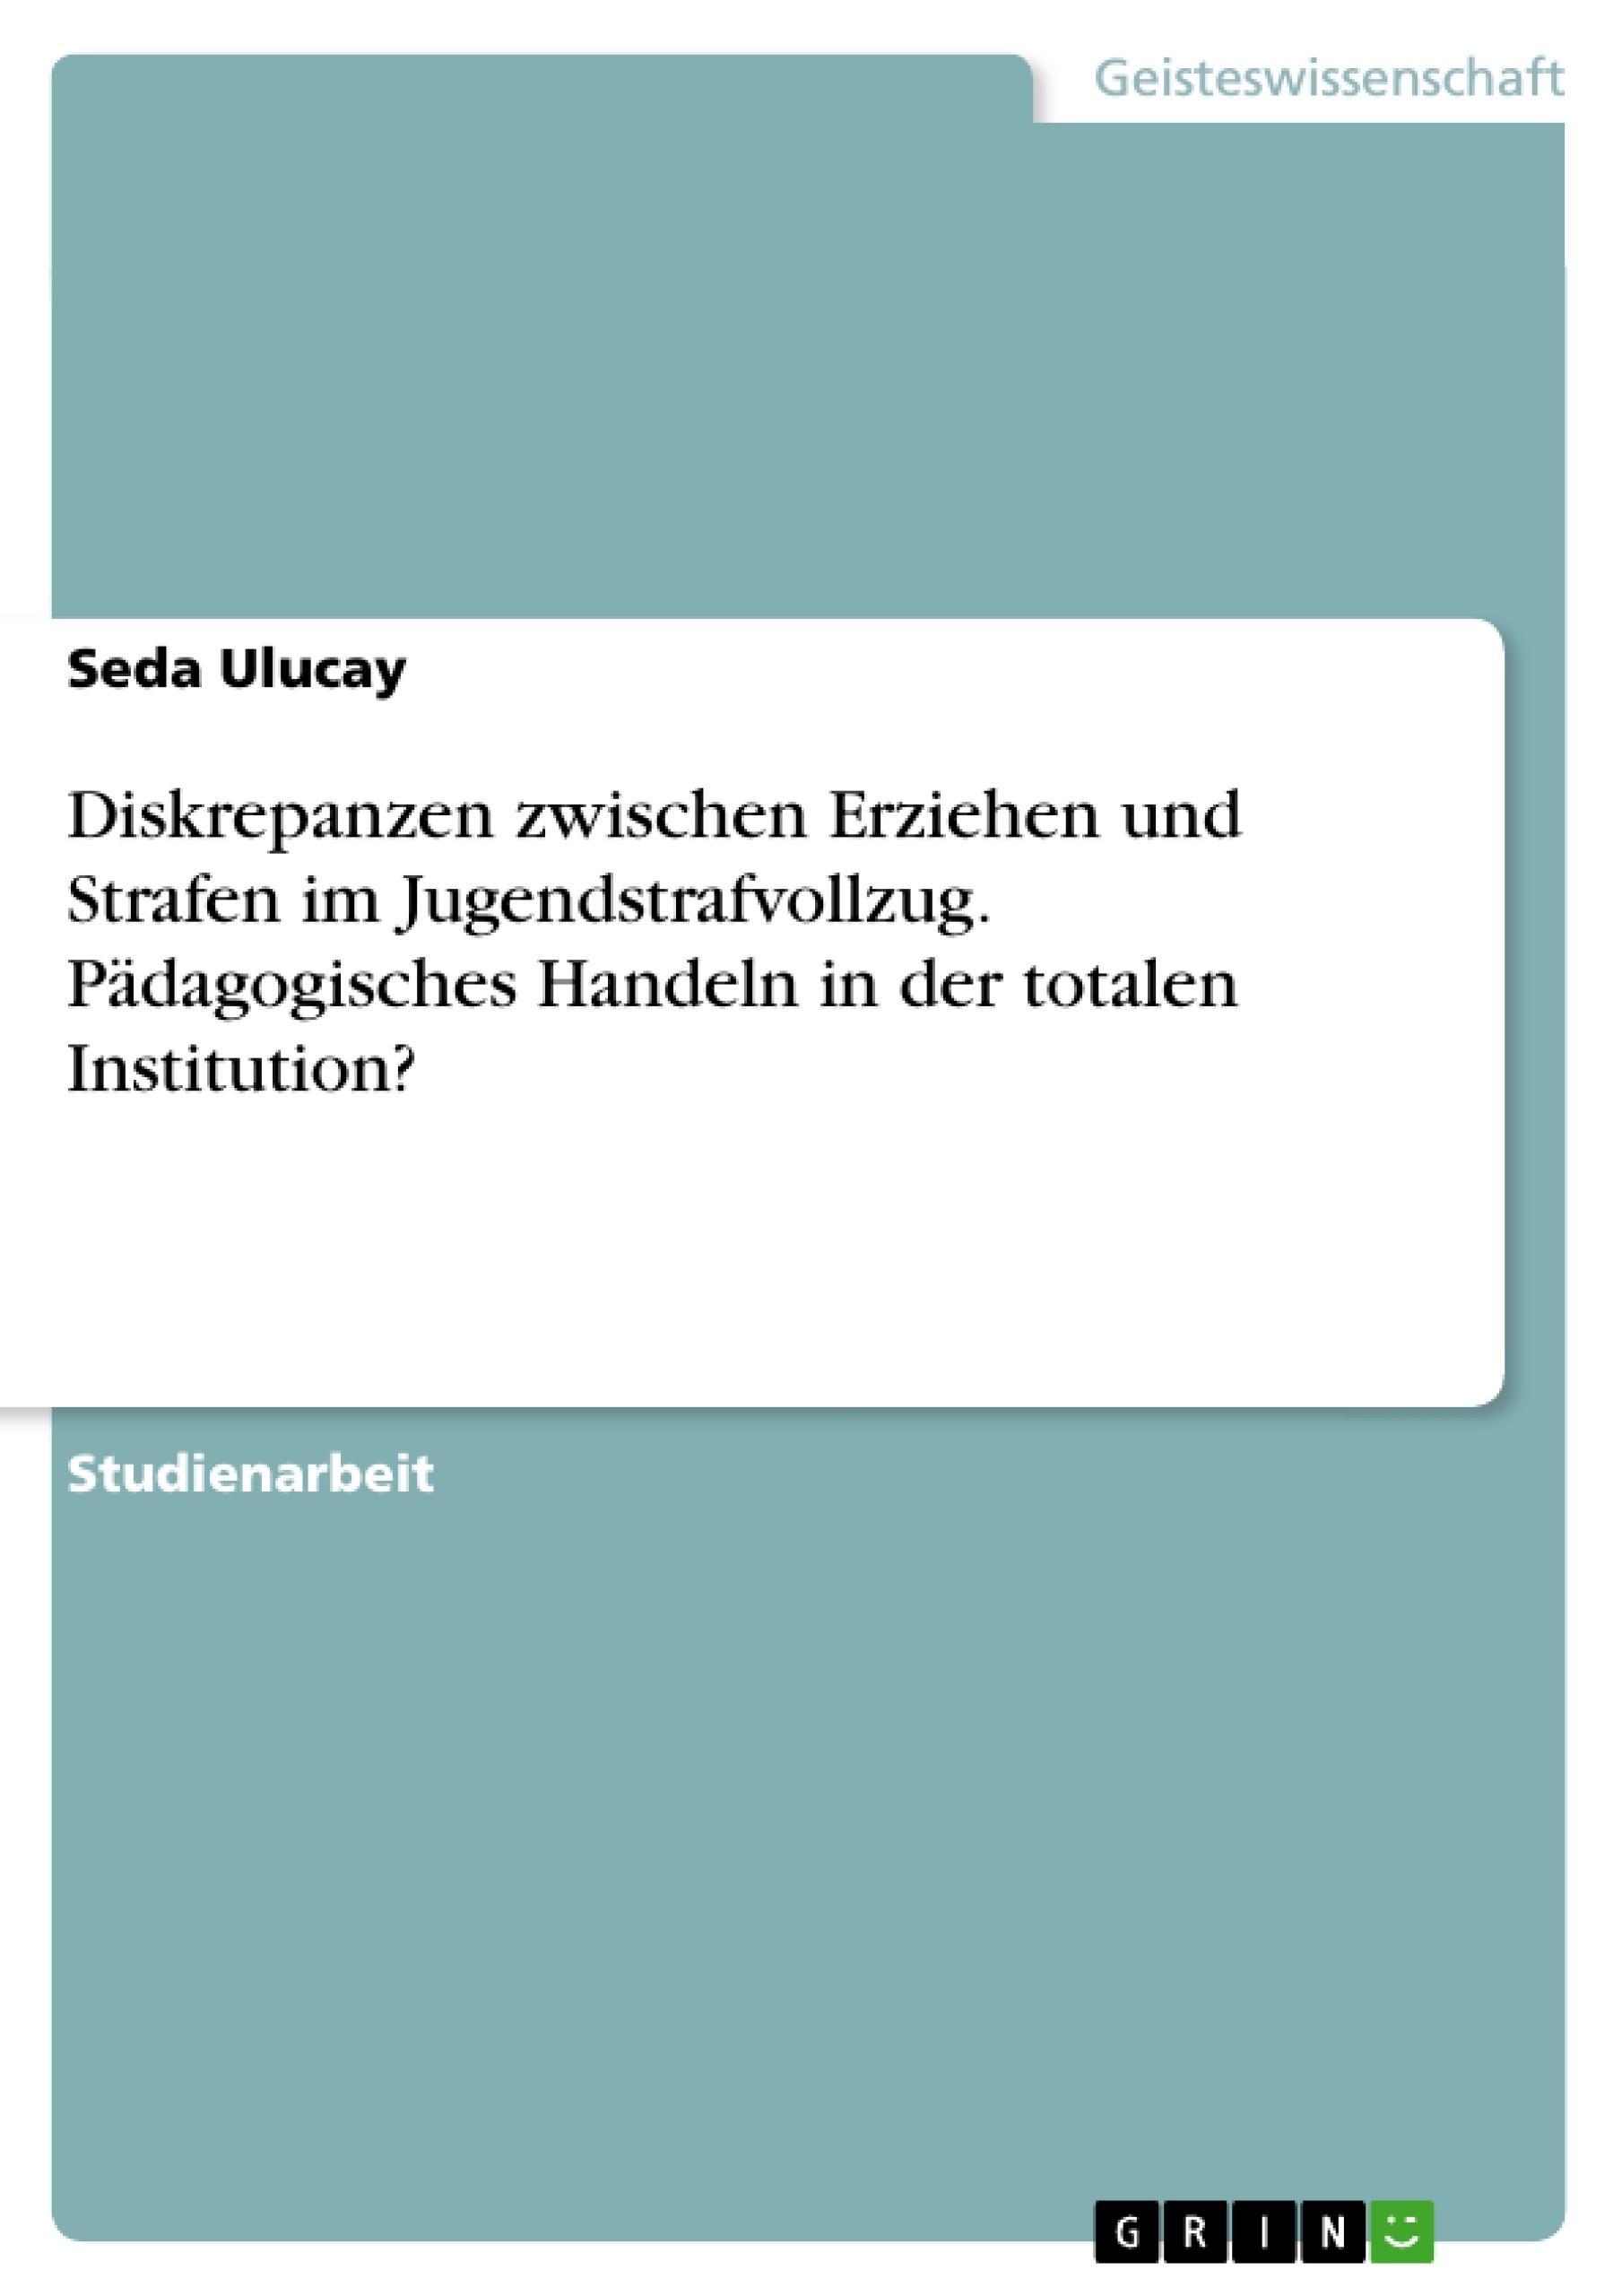 Titel: Diskrepanzen zwischen Erziehen und Strafen im Jugendstrafvollzug. Pädagogisches Handeln in der totalen Institution?